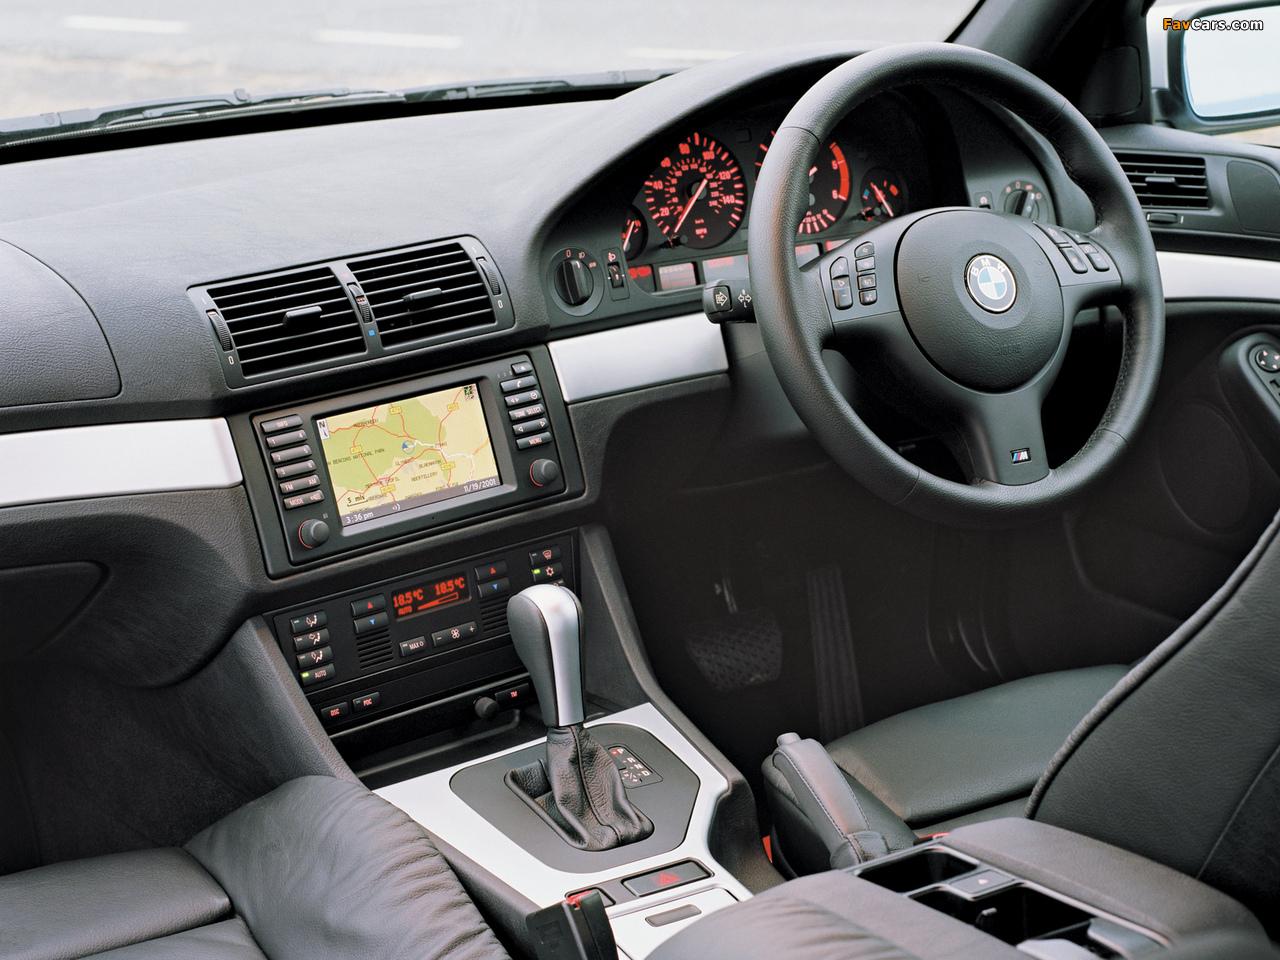 BMW 530d Sedan M Sports Package (E39) 2002 photos (1280 x 960)